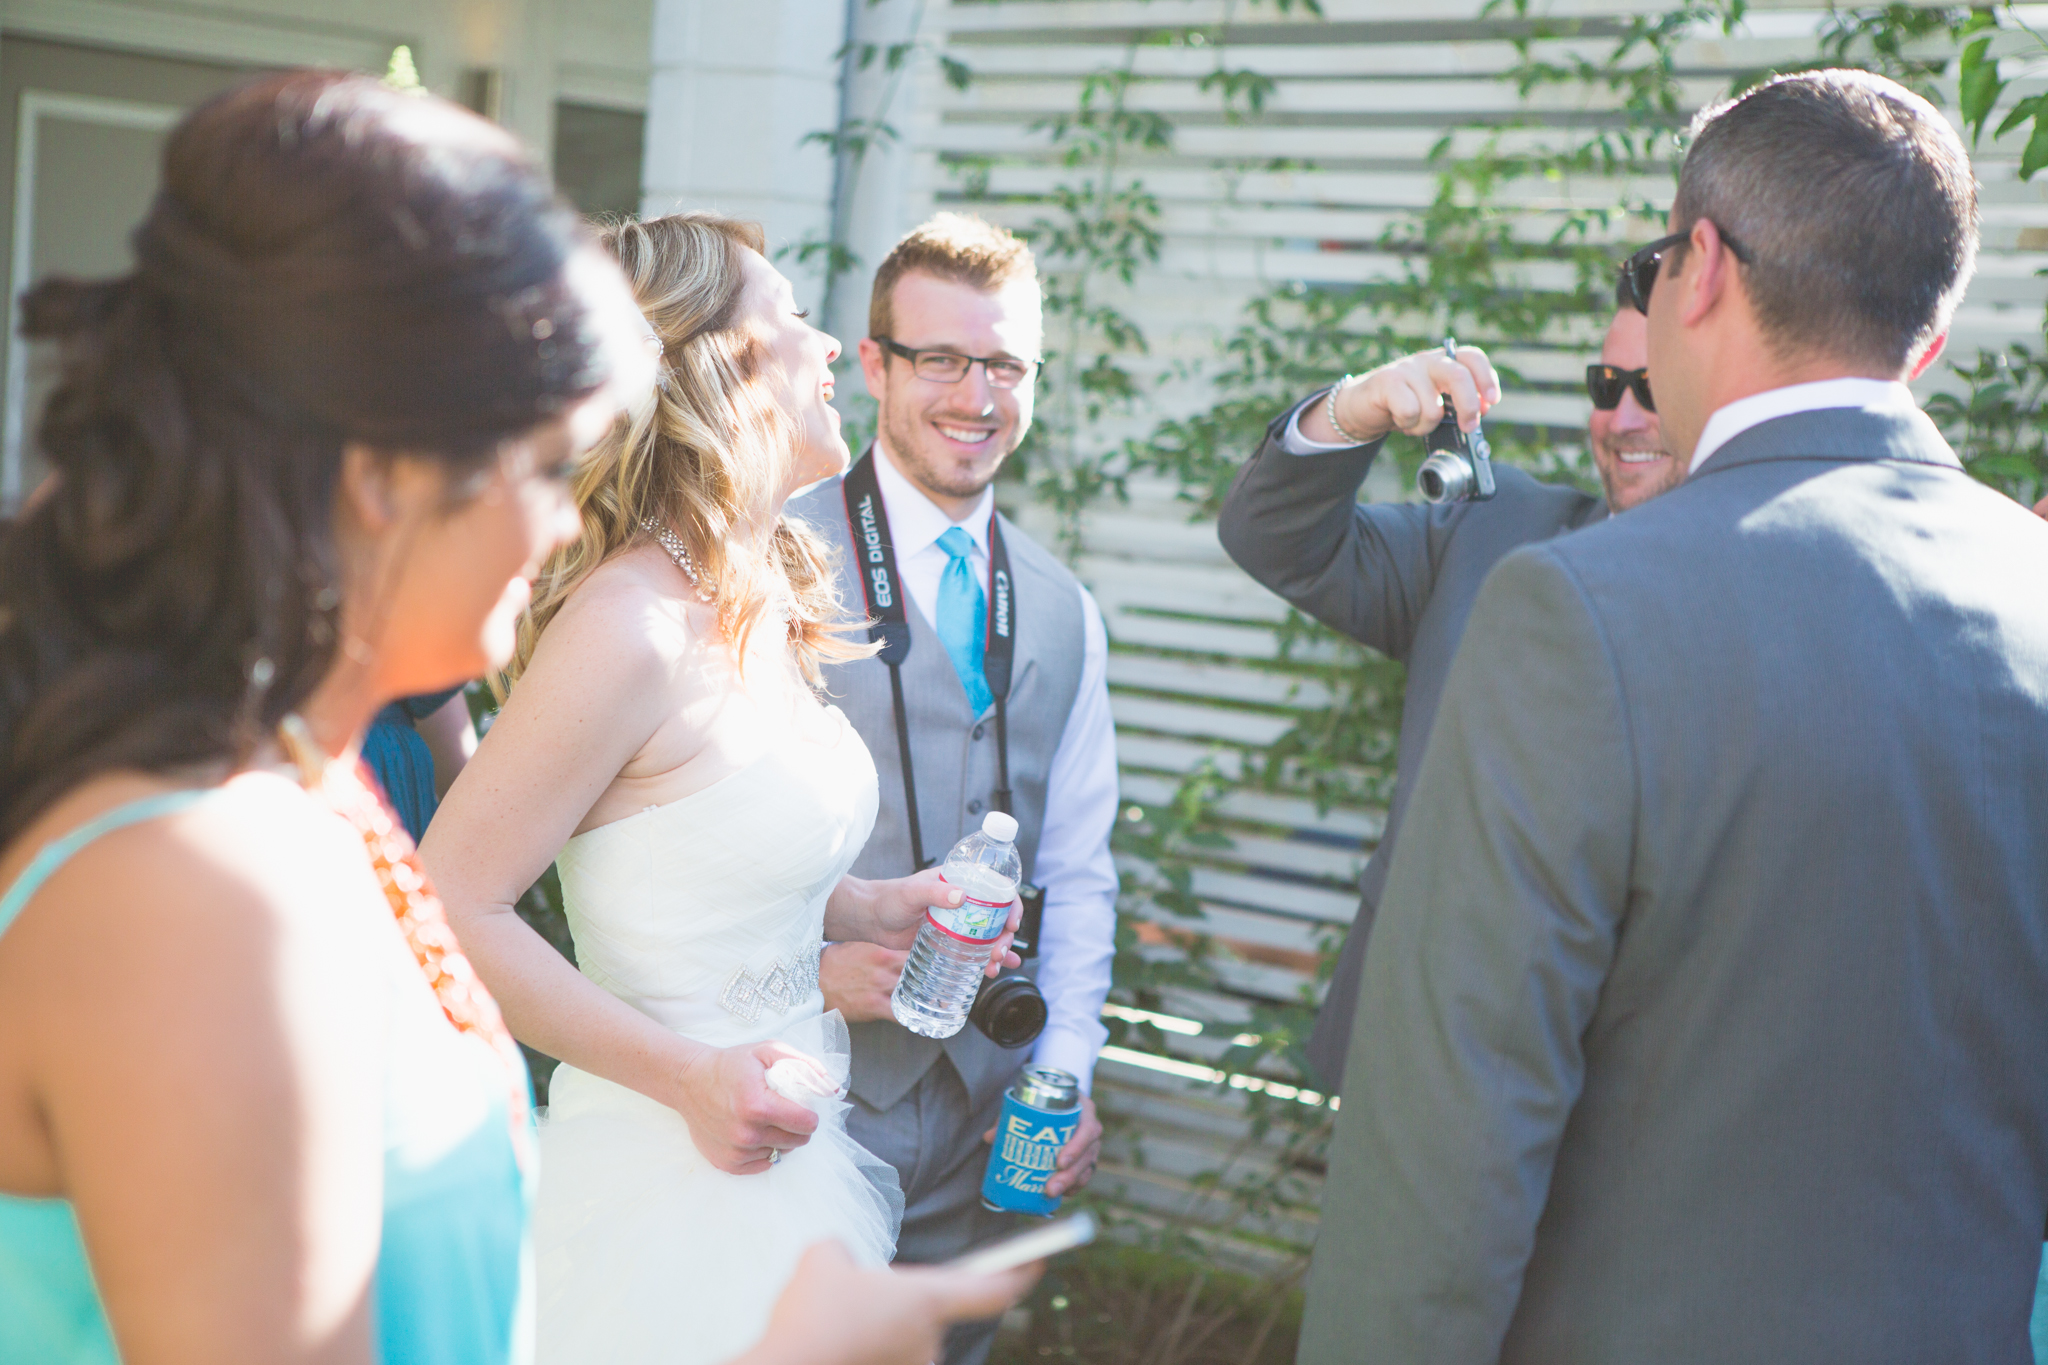 scottsdale-wedding-photographer-el-dorado-bride-candid-picture